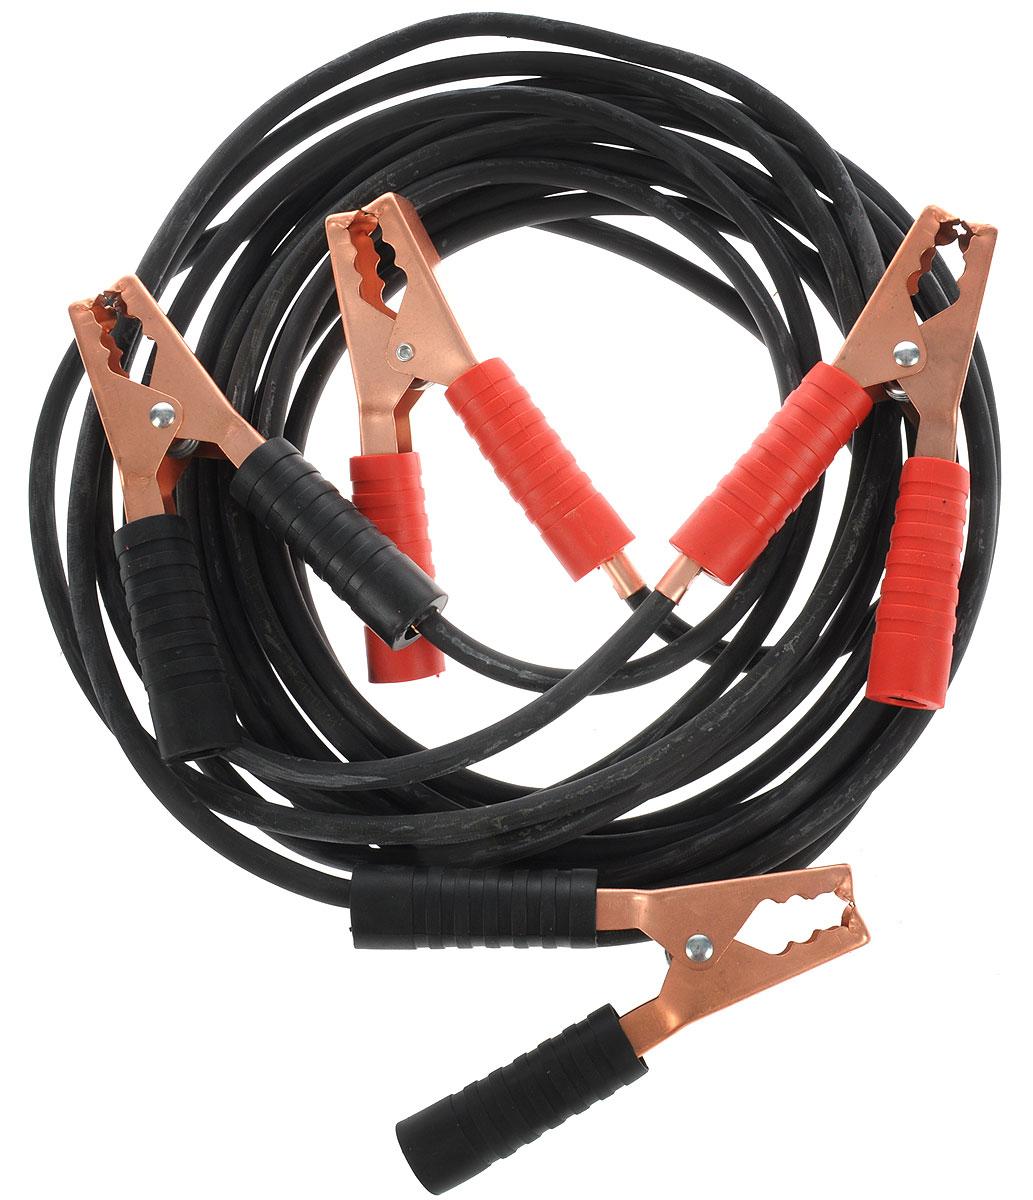 Провода стартовые Орион авто, хладостойкие, в сумке, 500А, 4,5 м5066Провода стартовые Орион авто предназначены для запуска двигателя автомобиля с разряженной аккумуляторной батареей от аккумулятора другого автомобиля. Особенности проводов: -Морозостойкий эластичный кабель в резиновой изоляции -Многожильный медный проводник. -Полностью изолированные зажимы. -Надежные пропаянные соединения провода с зажимами. -Температура эксплуатации от -50°С до +80°С. Ток: 500 А. Длина проводов: 4,5 м.